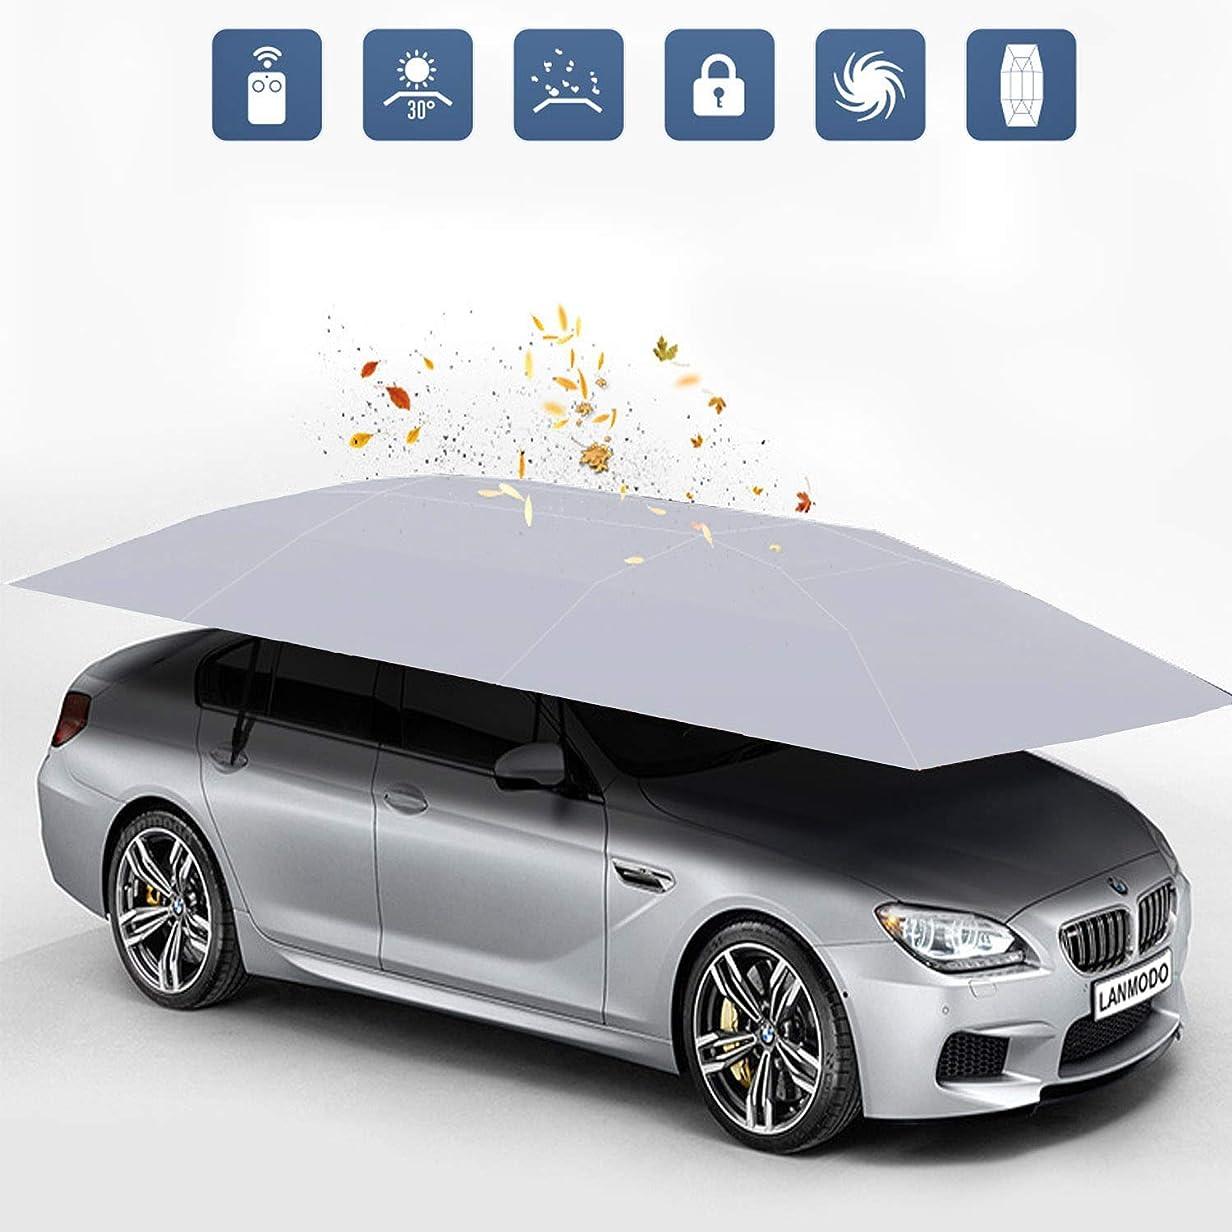 交流する壮大なフォーカス自動車テント 紫外線対策 耐候/防塵/防雨/防鳥糞 カーアンブレラ (シルバー半自動式)